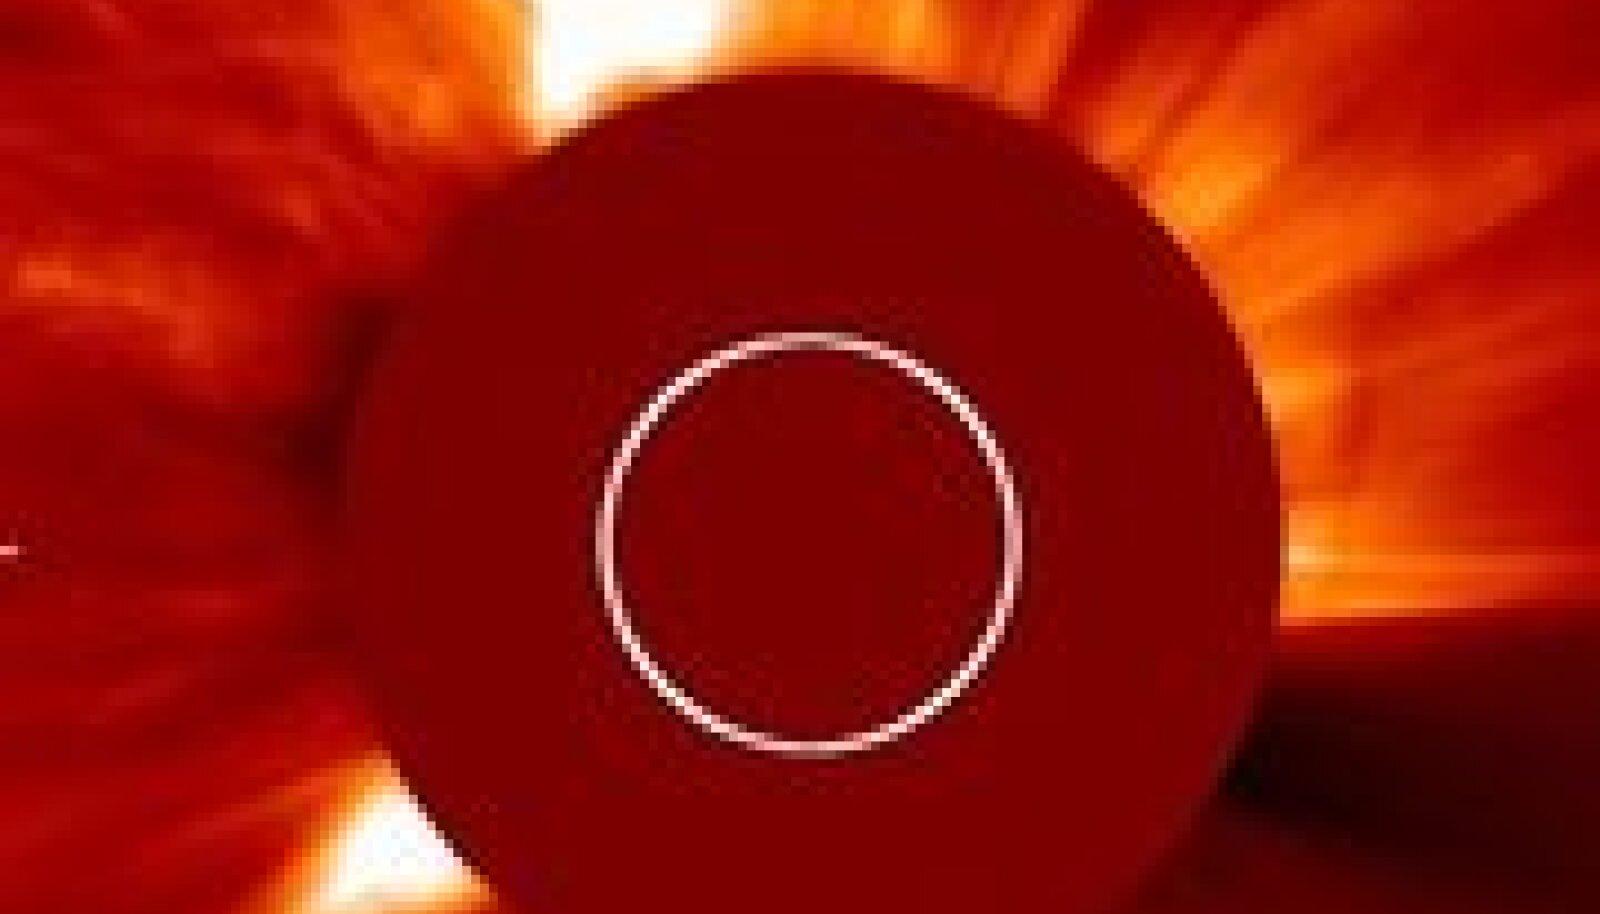 Amatöör-astronoomide avastatud komeet tabab Päikest